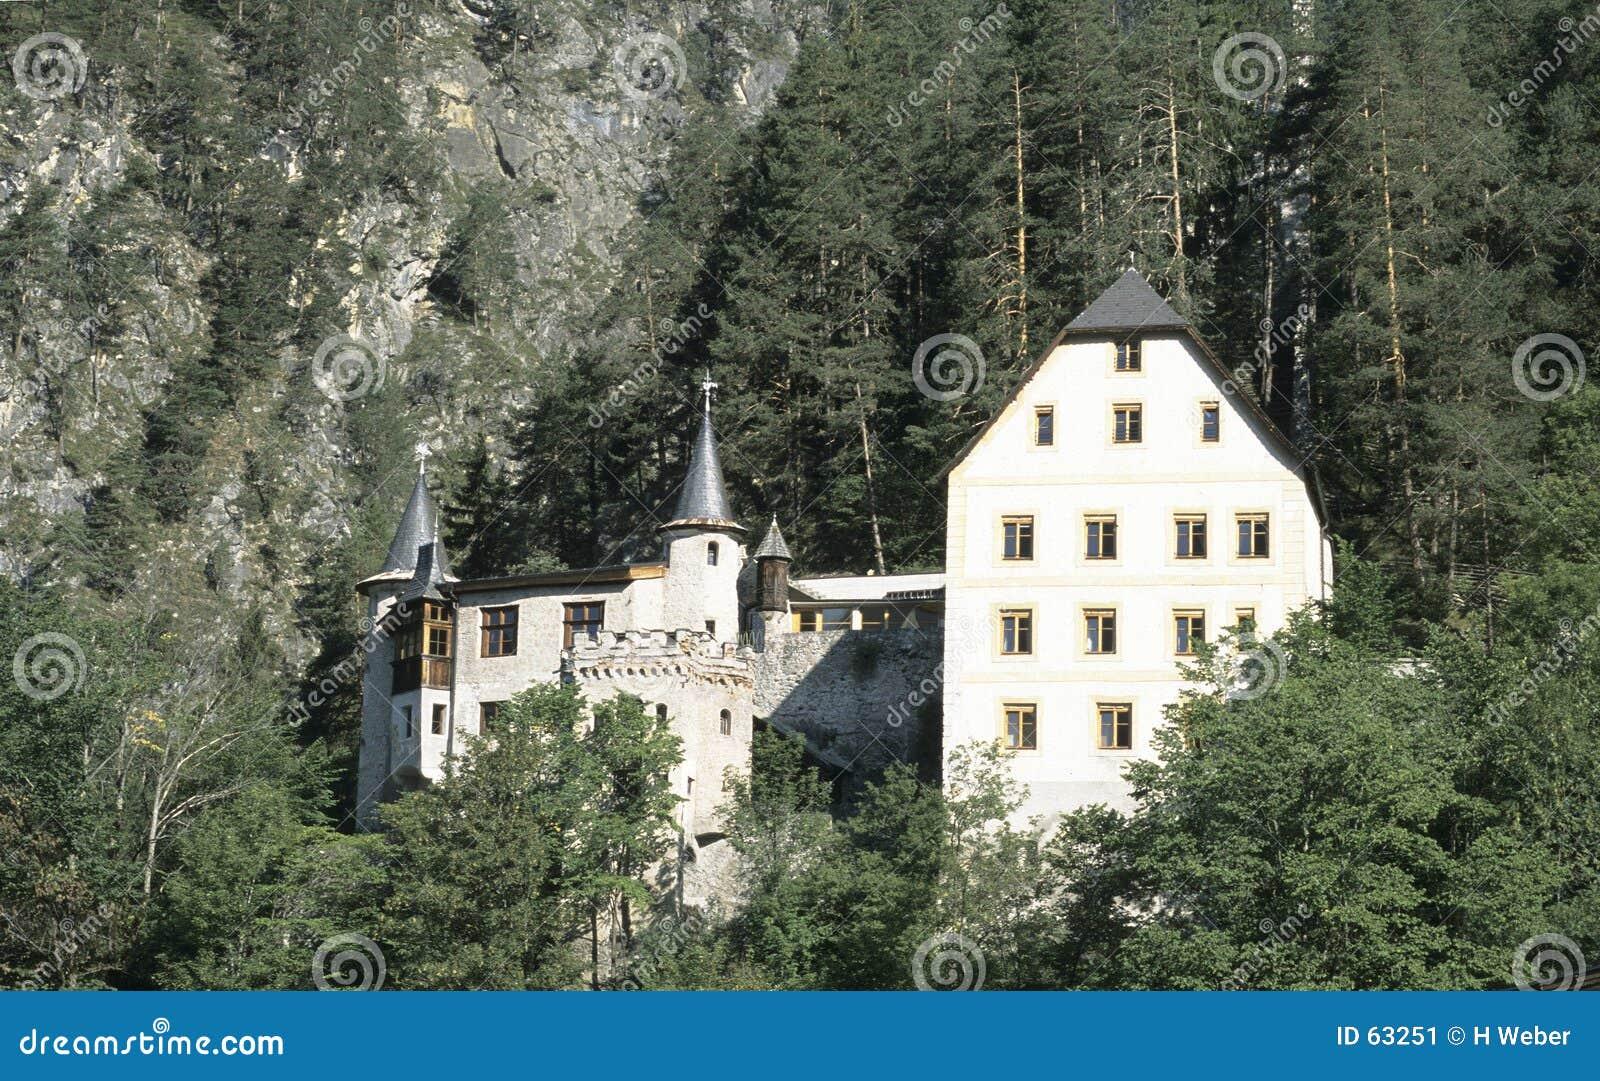 Download Hôtel de montagne image stock. Image du touriste, vieux - 63251